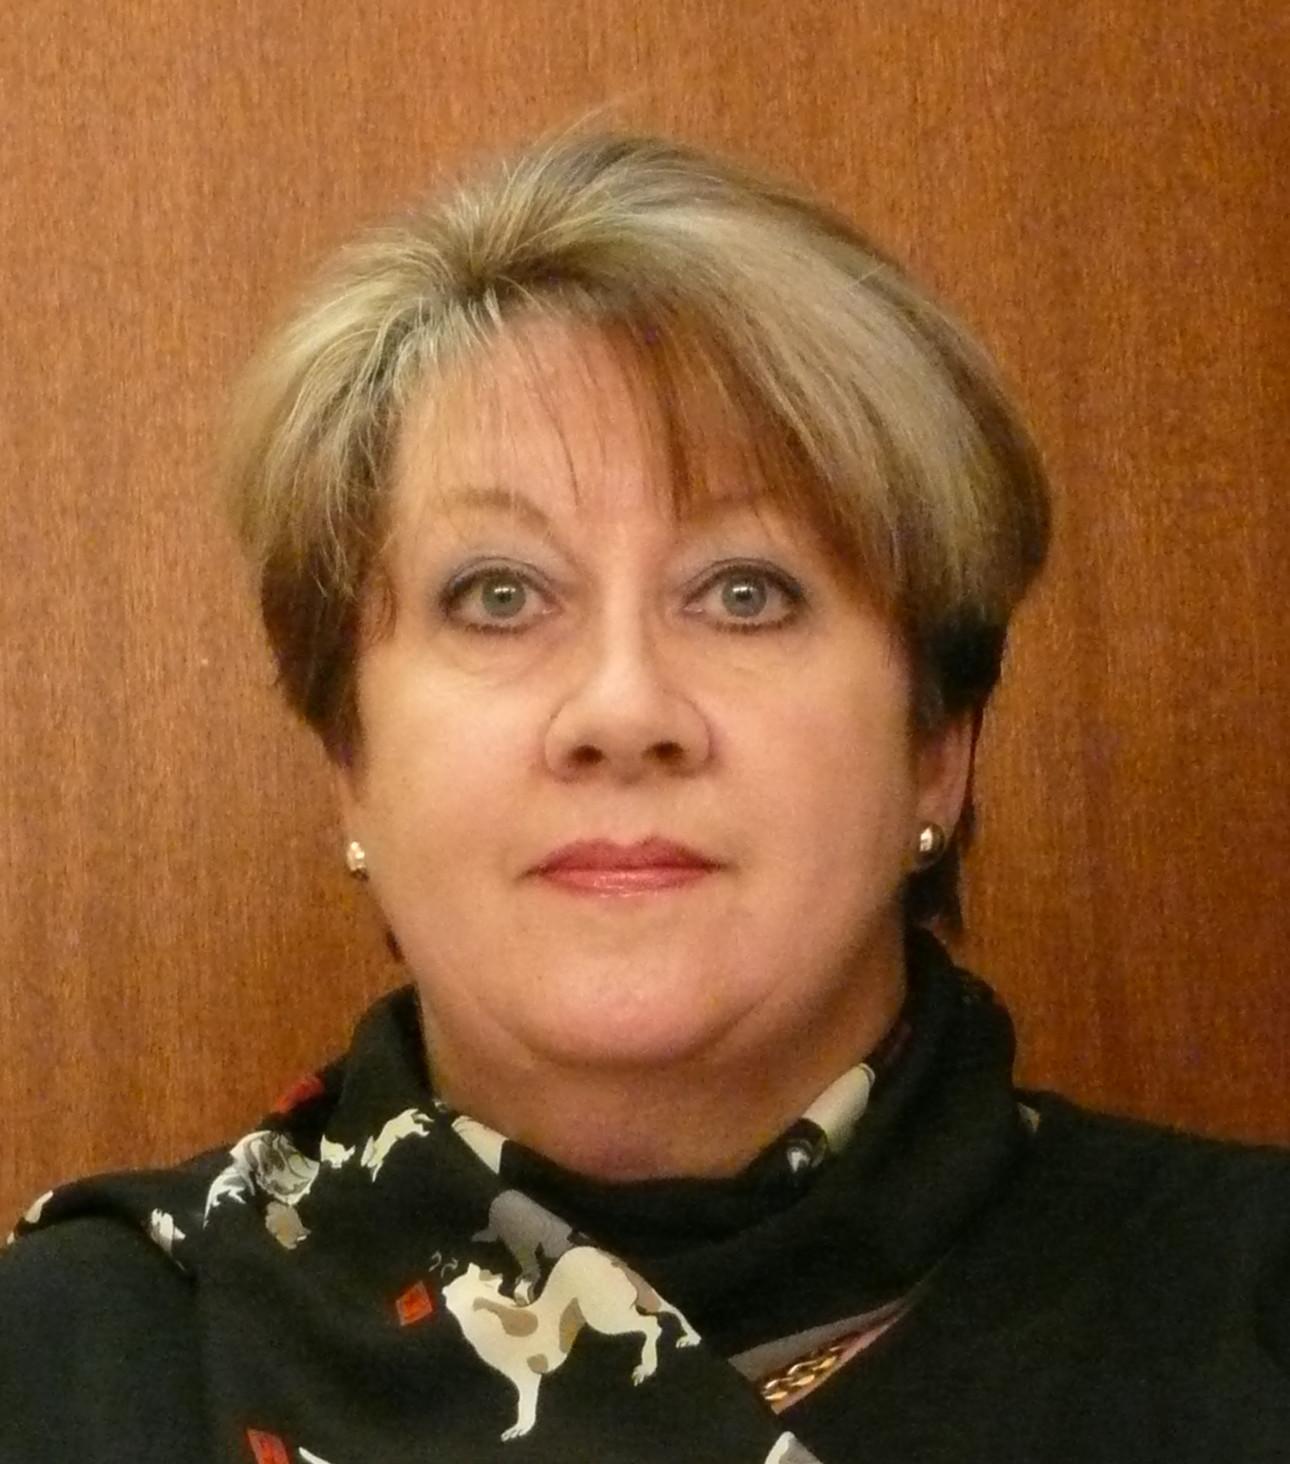 Pam Macintyre